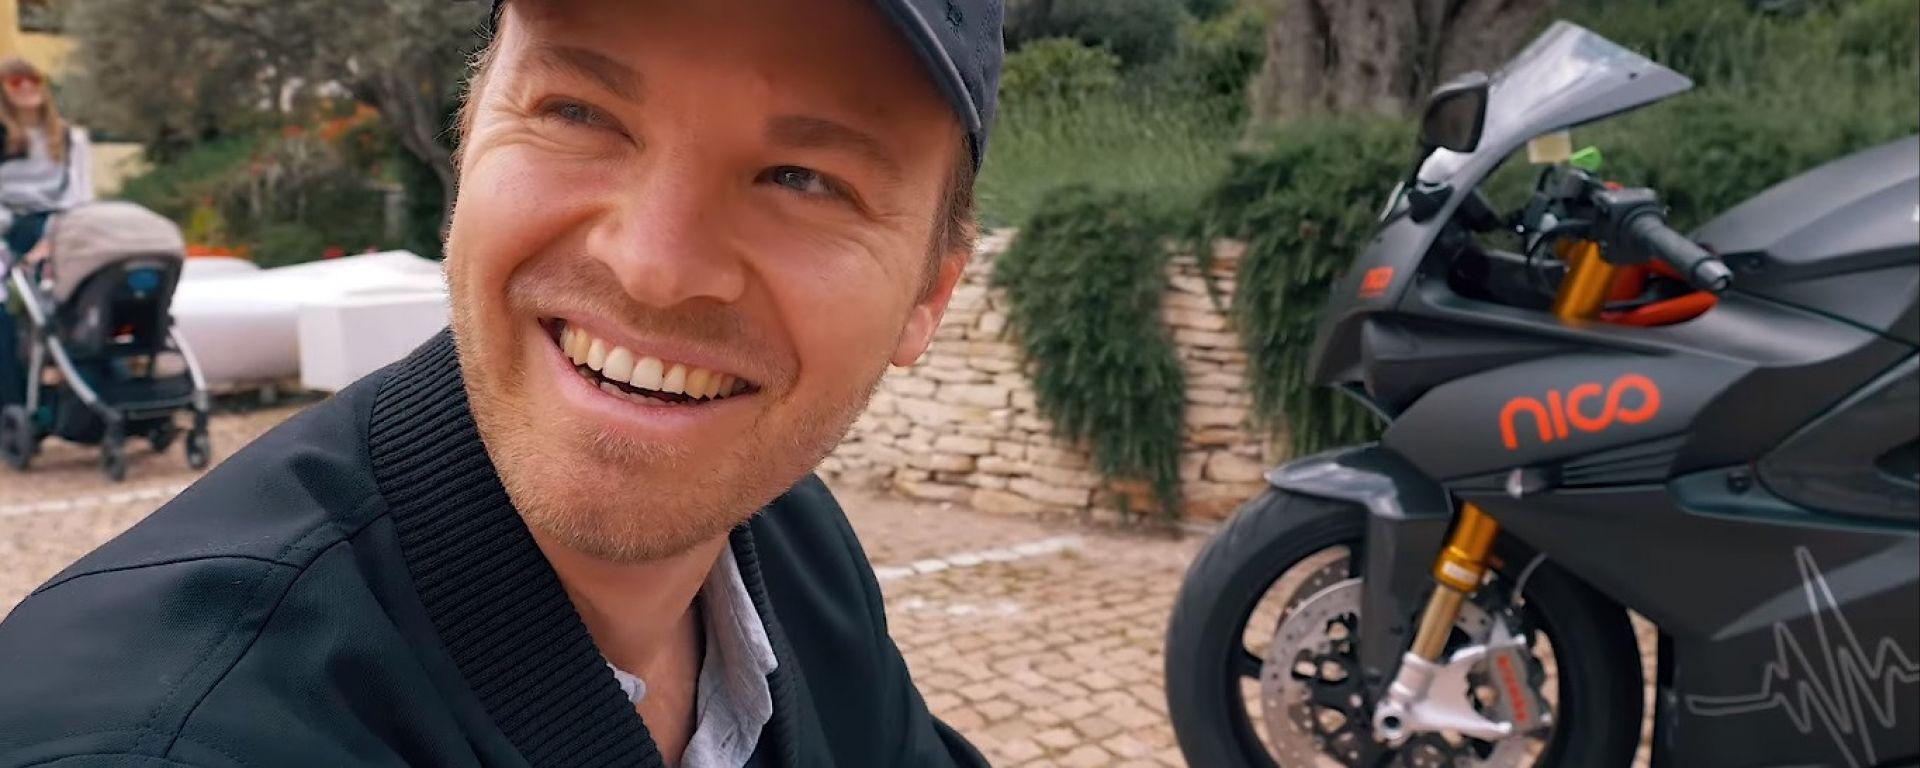 Nico Rosberg con la sua Energica Ego